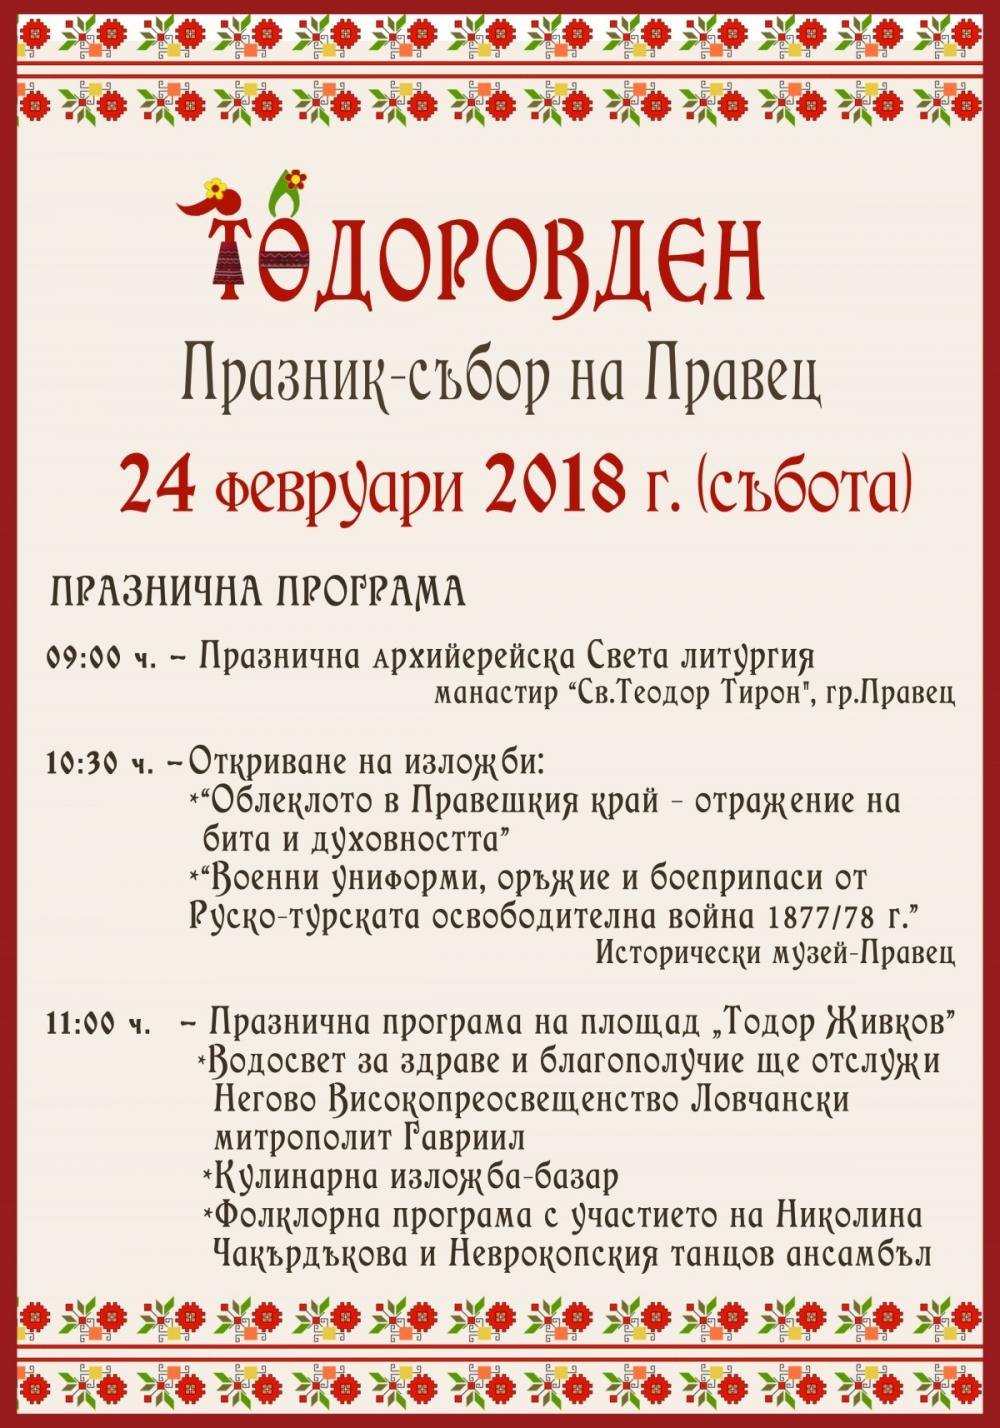 Николина Чакърдъкова и Неврокопският танцов ансамбъл – специални гости на Тодоровден в Правец